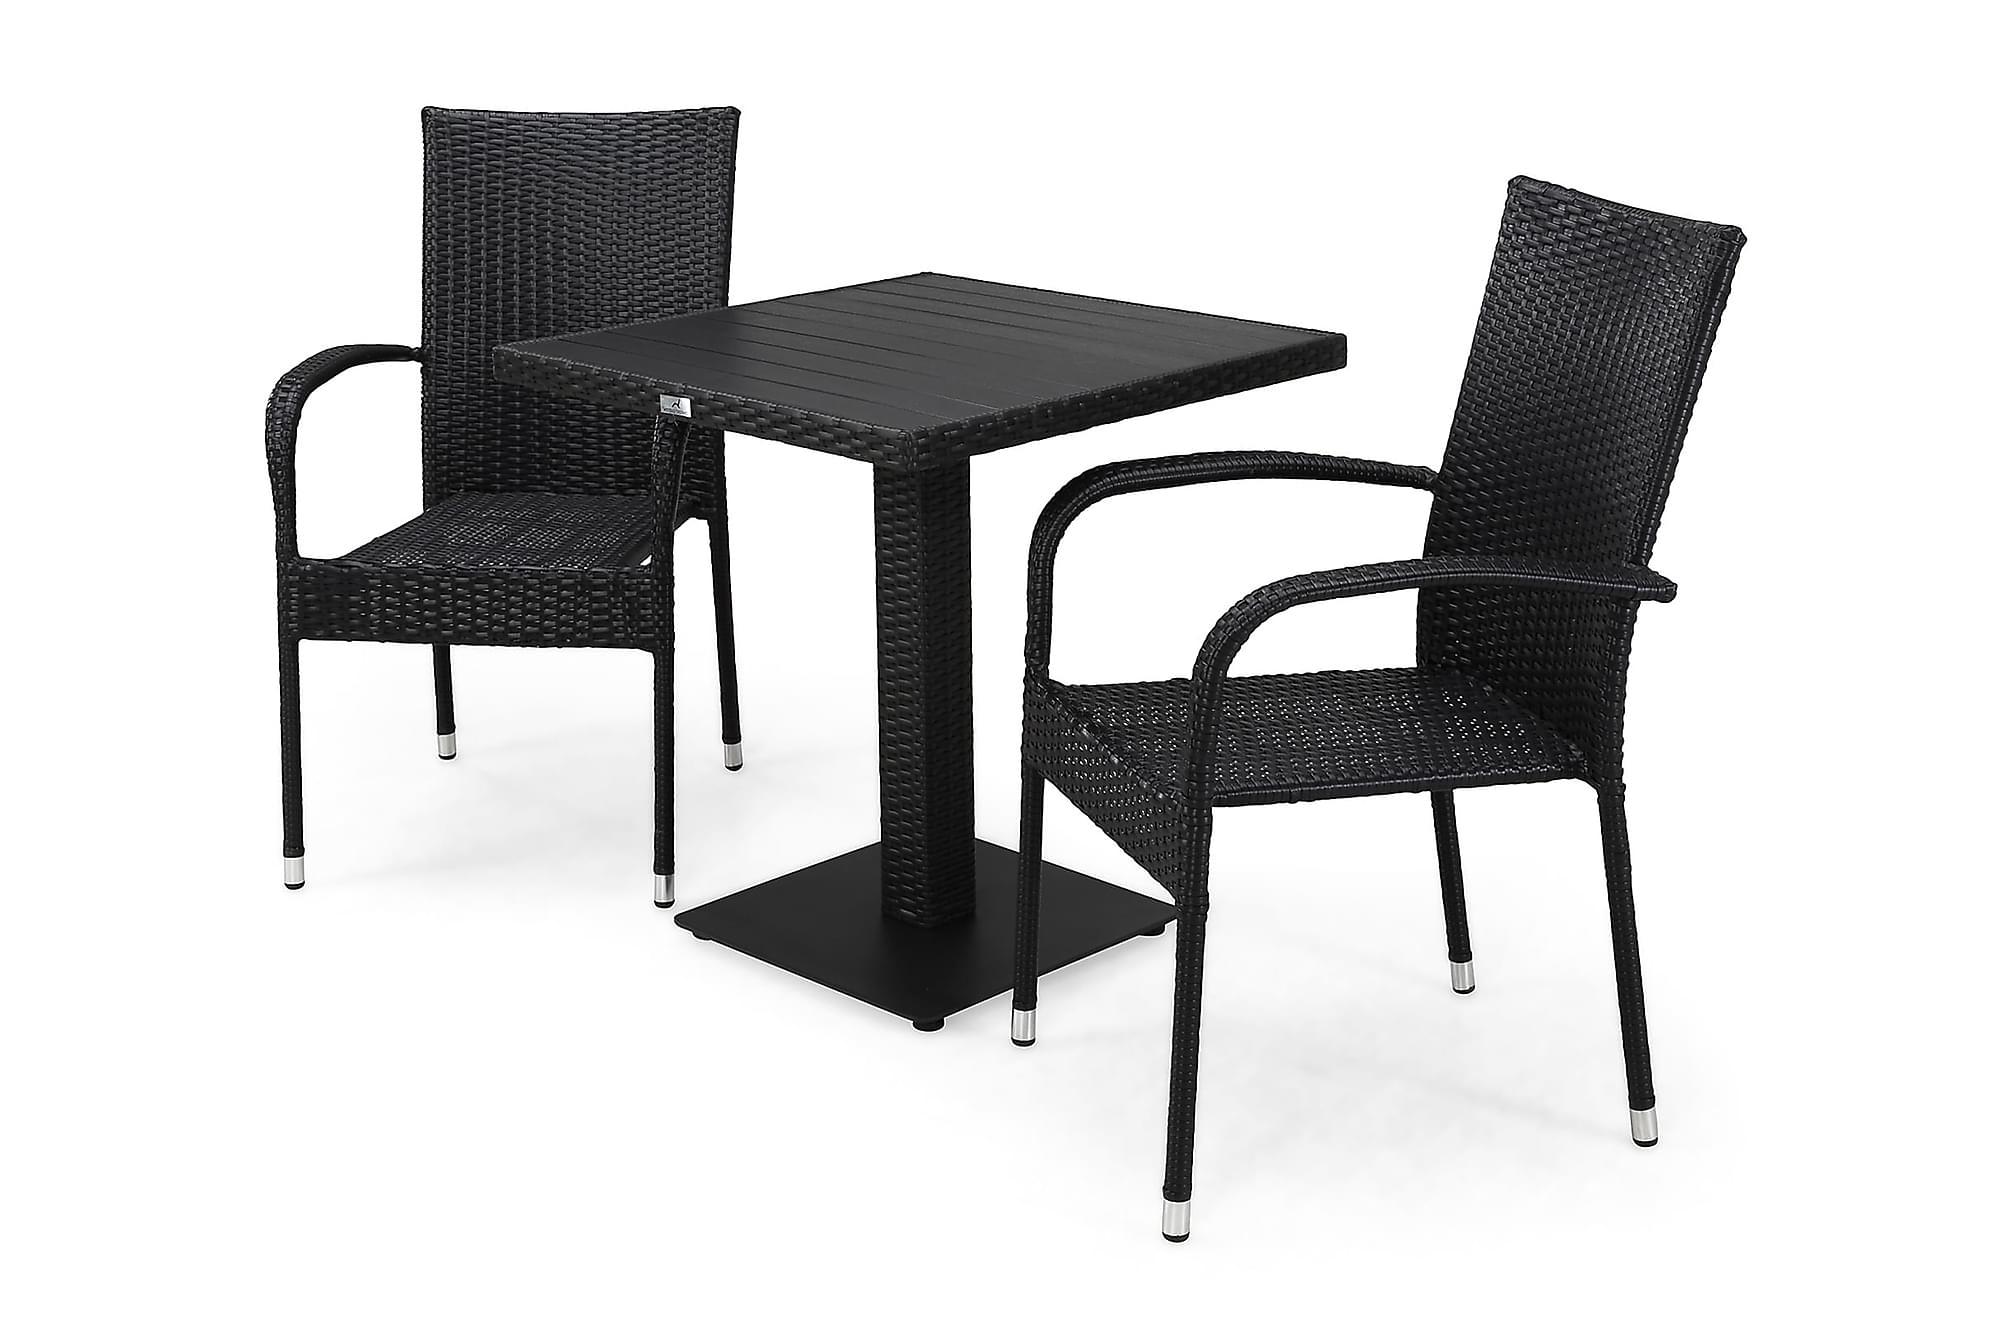 BAHAMAS Cafébord 70 + 2 THOR LIGHT Fåtölj Svart